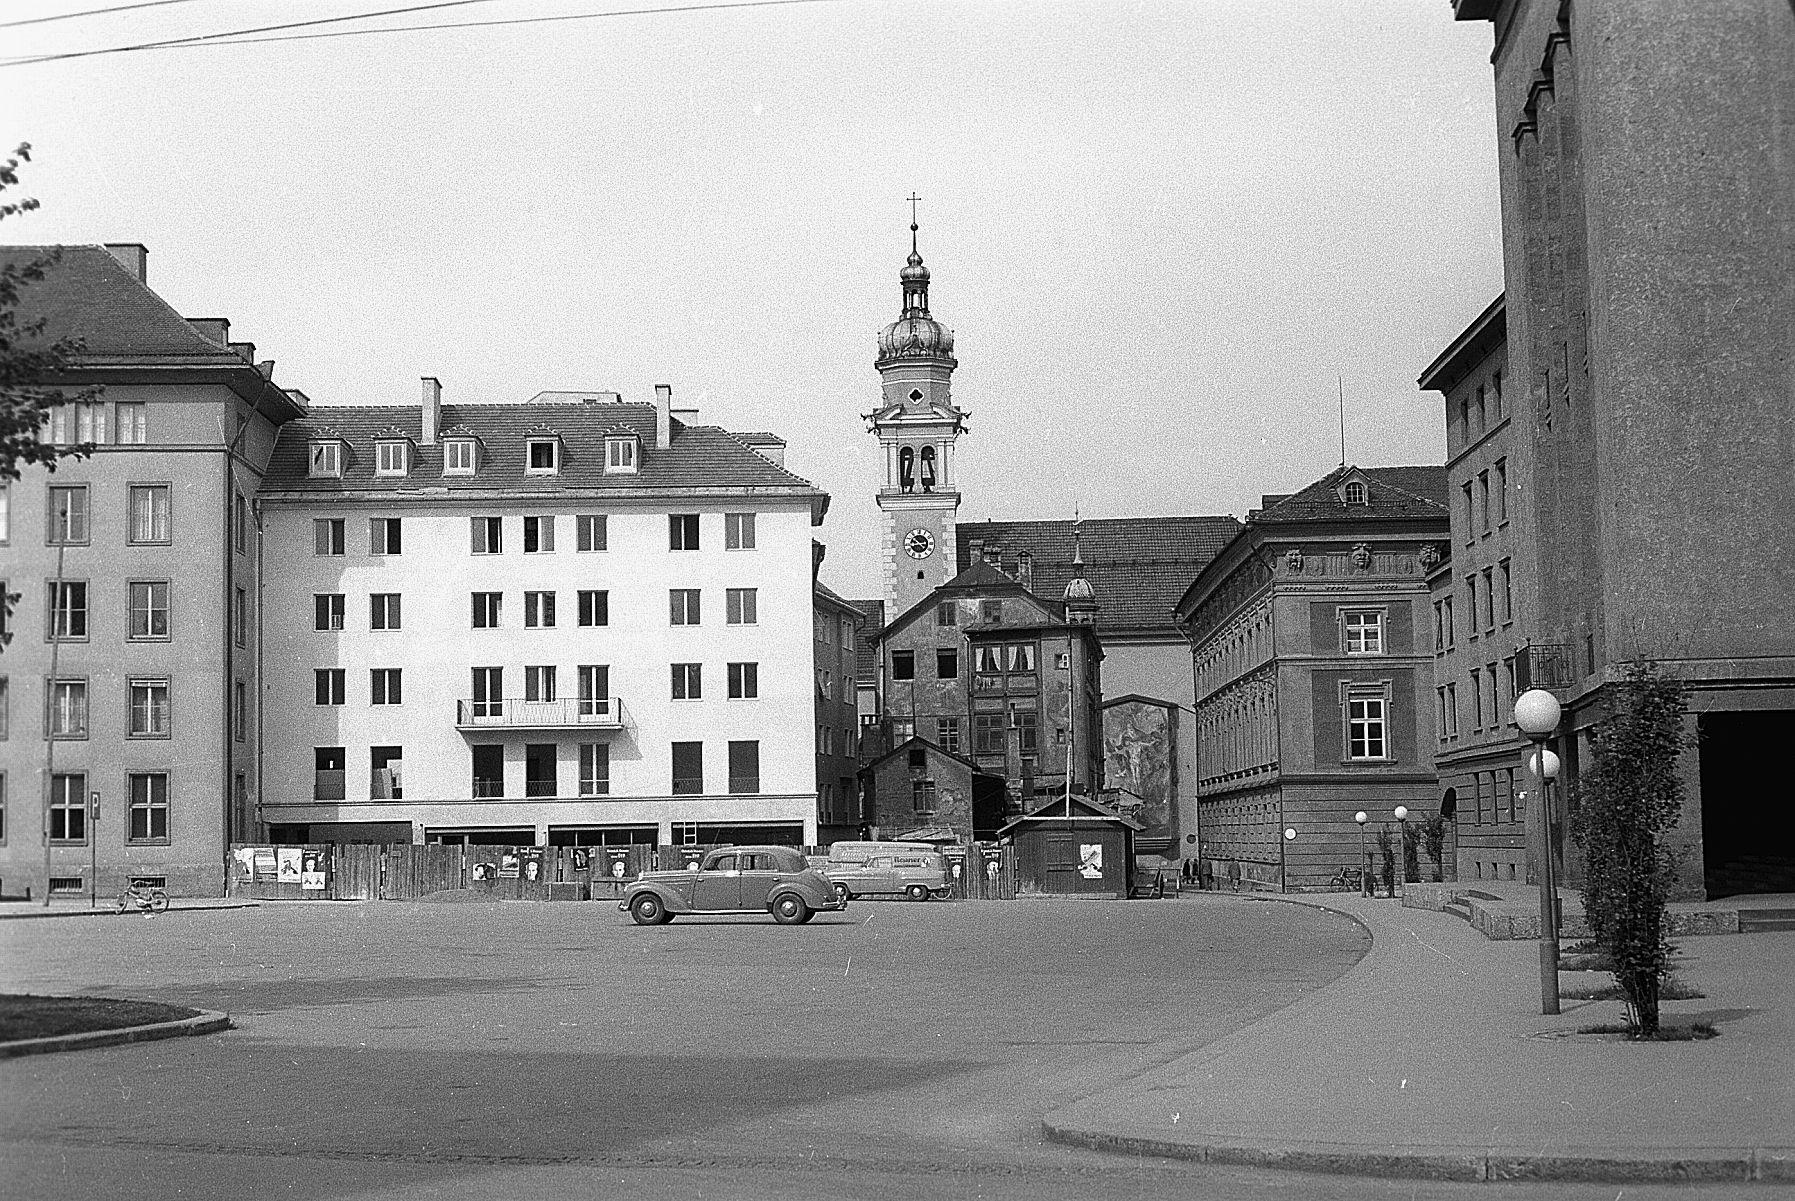 Eine Schöne Rückseite Kann Auch Entzücken – Hotel Alte Post